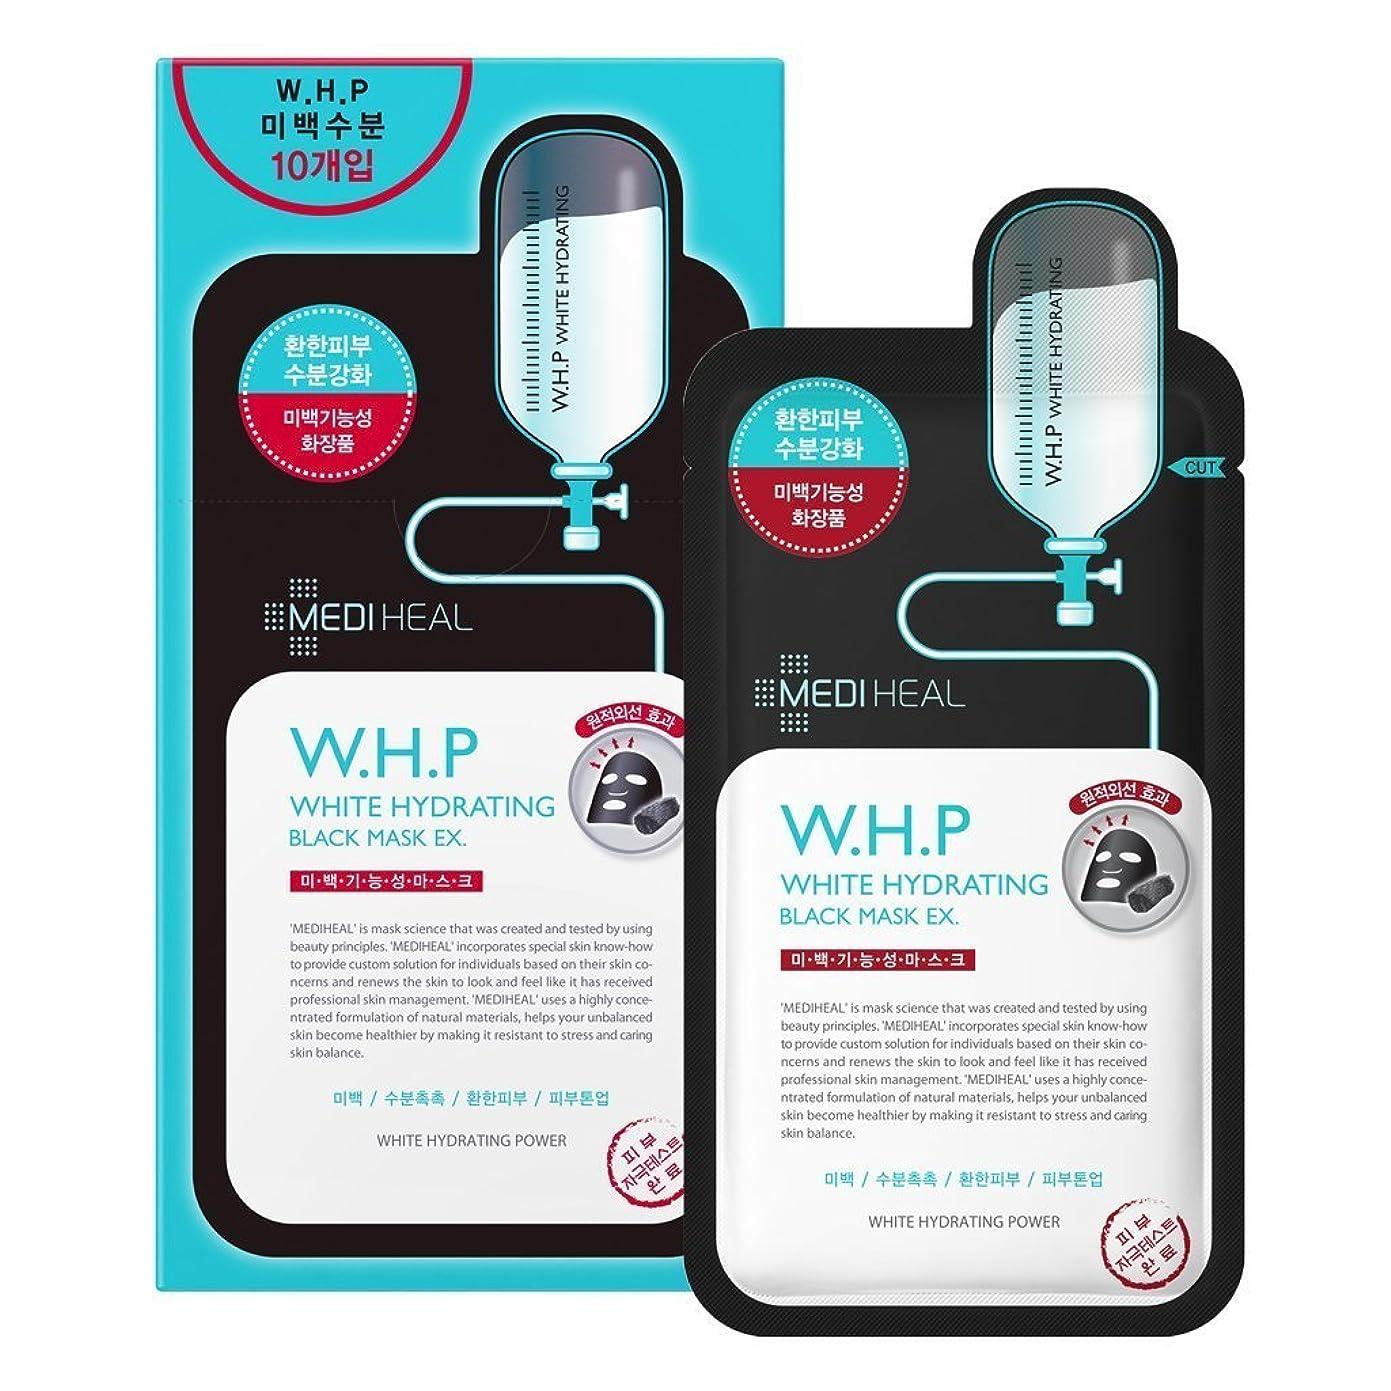 正規化カビ酒Mediheal WHP ホワイト ハイドレイティング ブラック マスク EX 25mL x10枚 [並行輸入品]